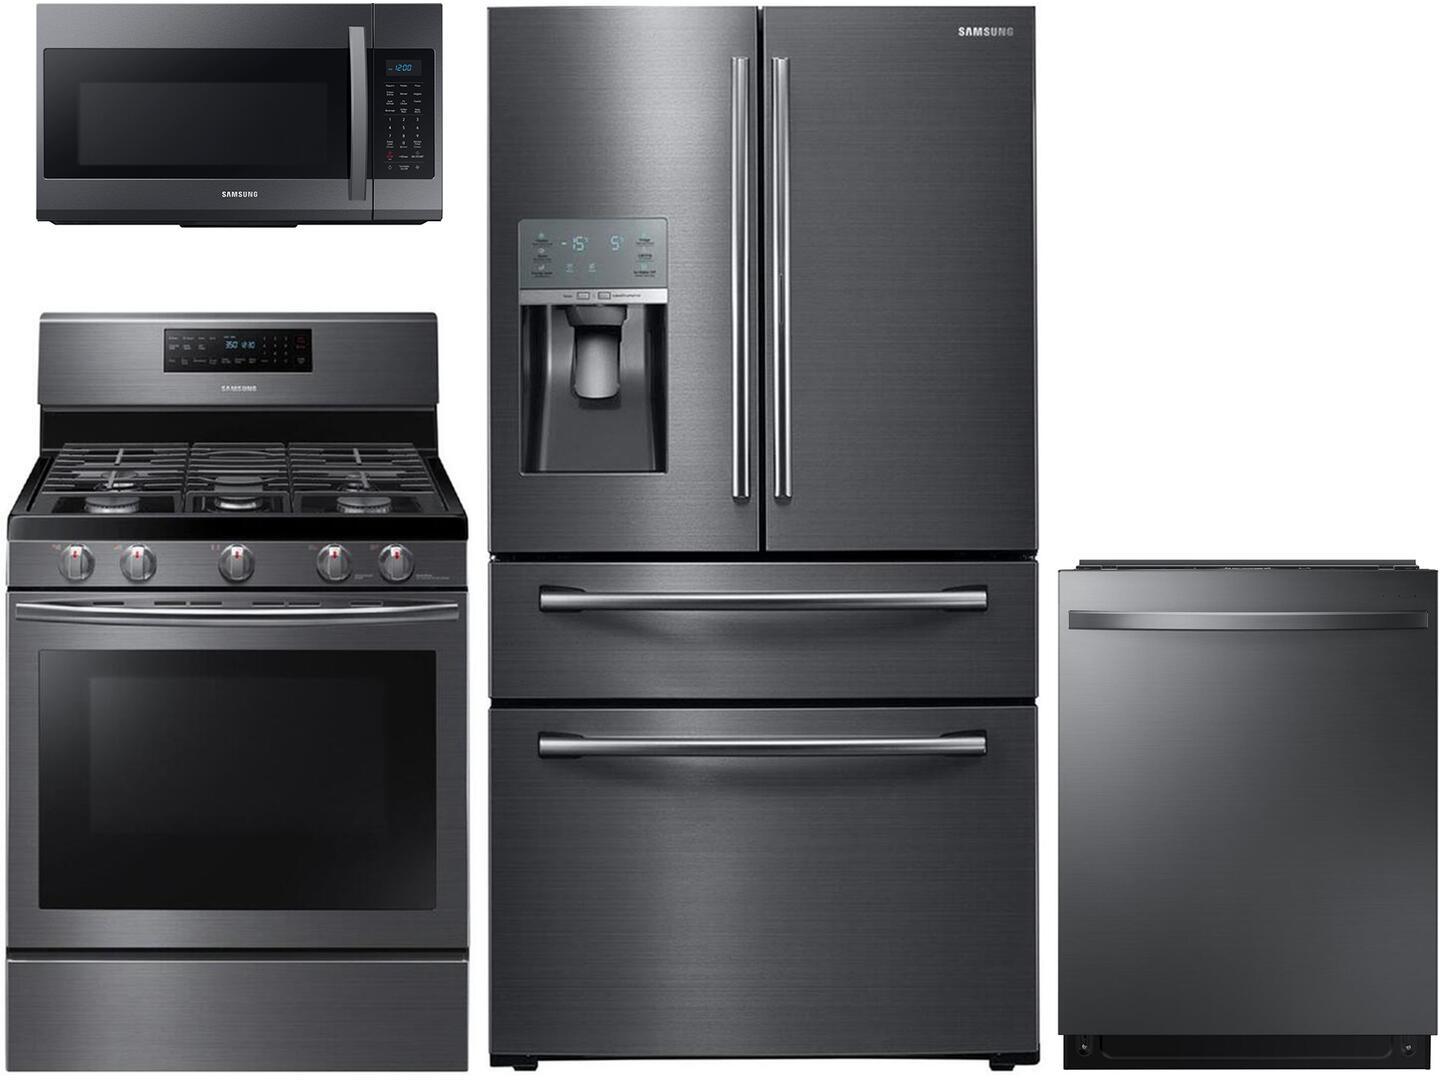 Samsung Appliance 602411 Black Stainless Steel Kitchen